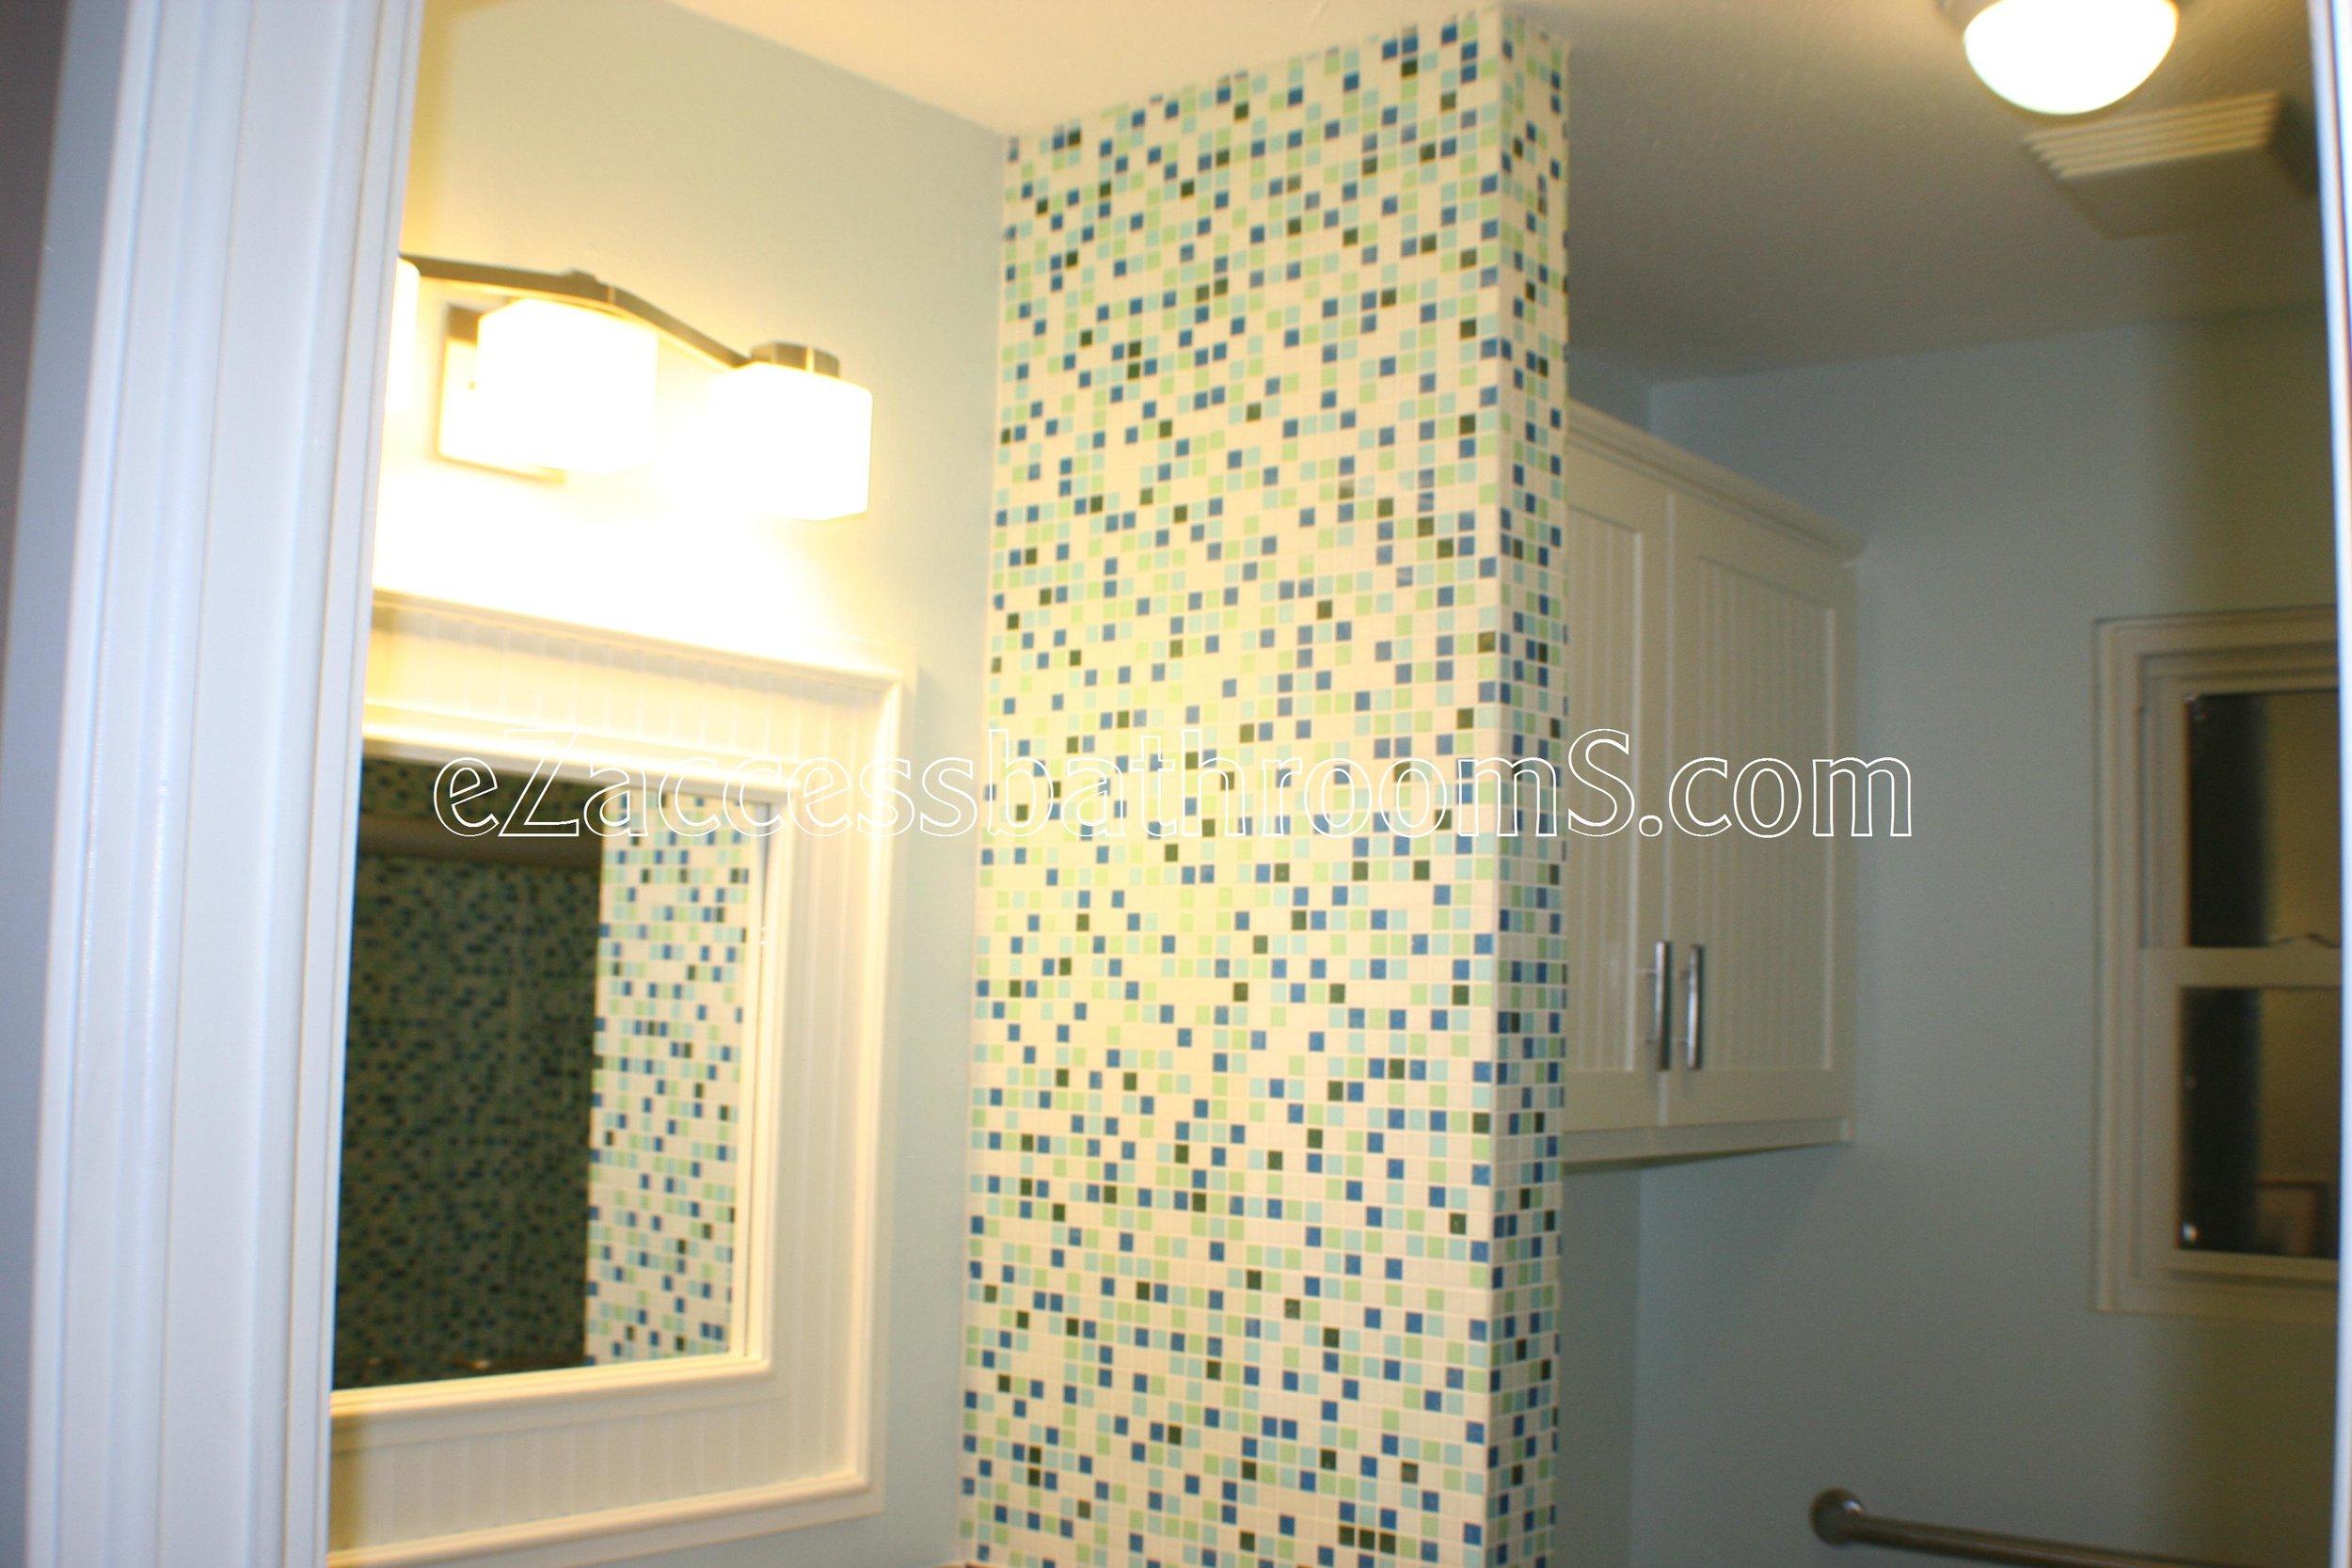 rollin shower ezaccessbathrooms.com 0026.JPG